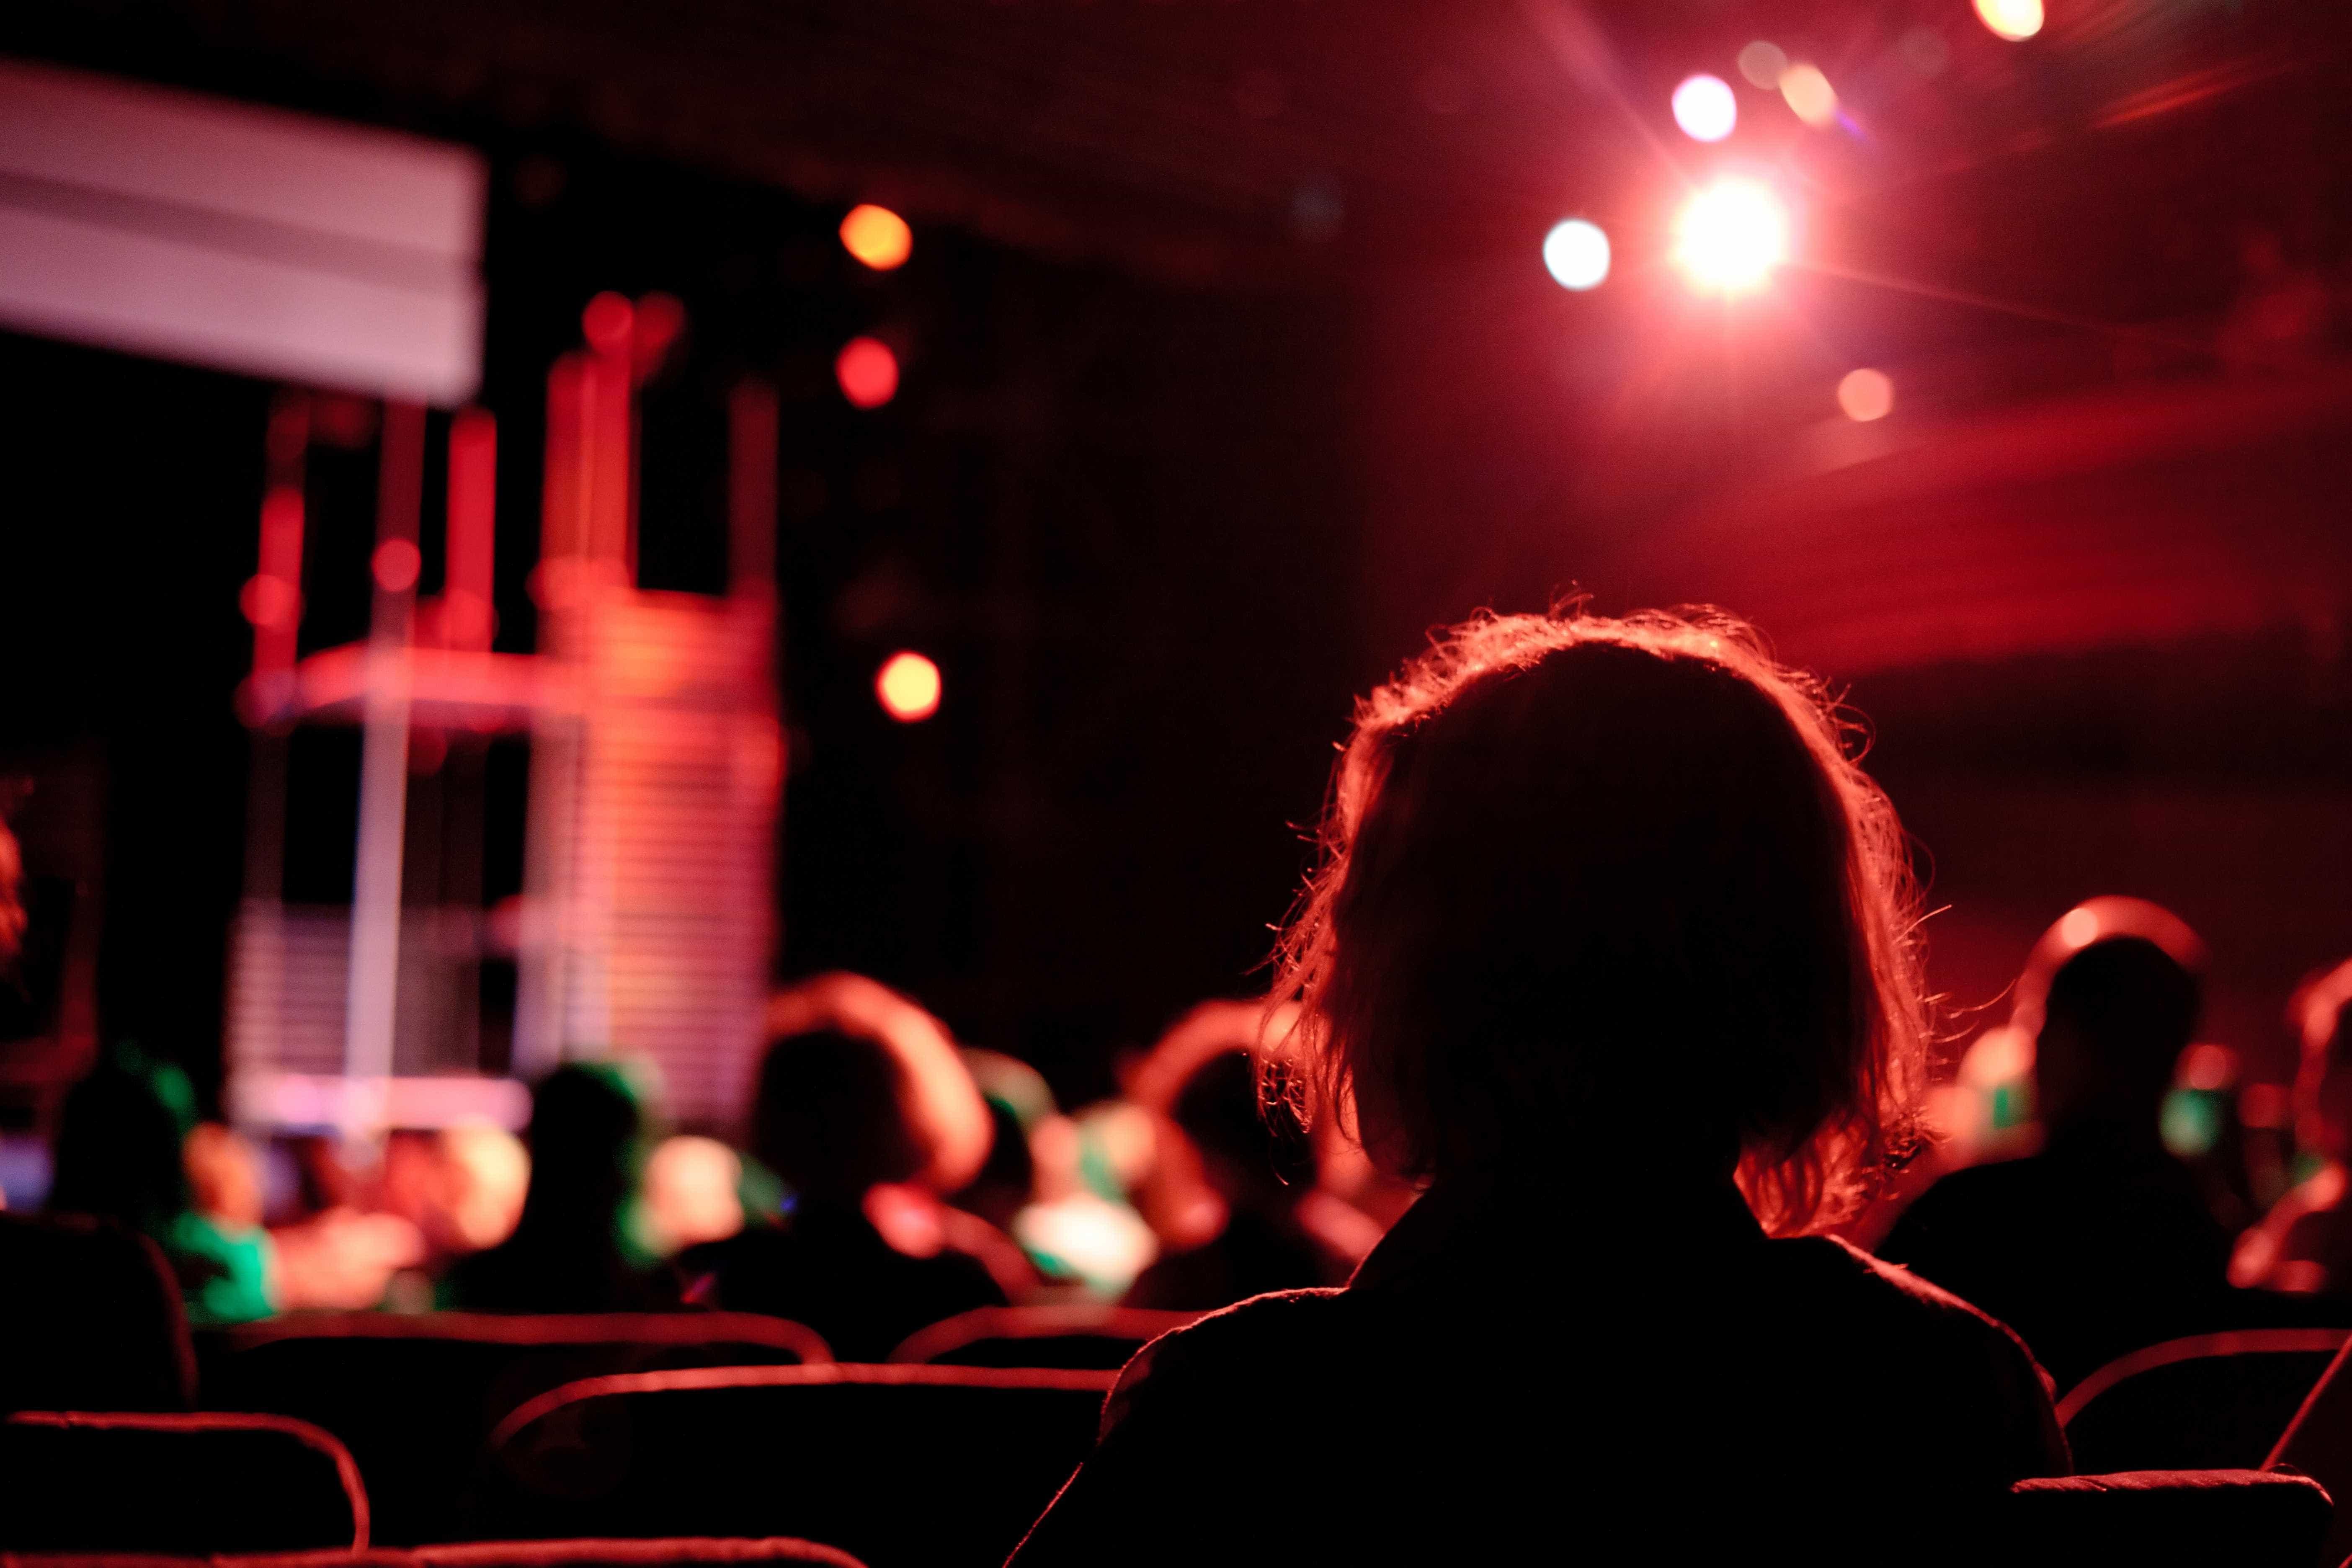 Em 'Drama', encena-se a angústia de não se poder reescrever a história